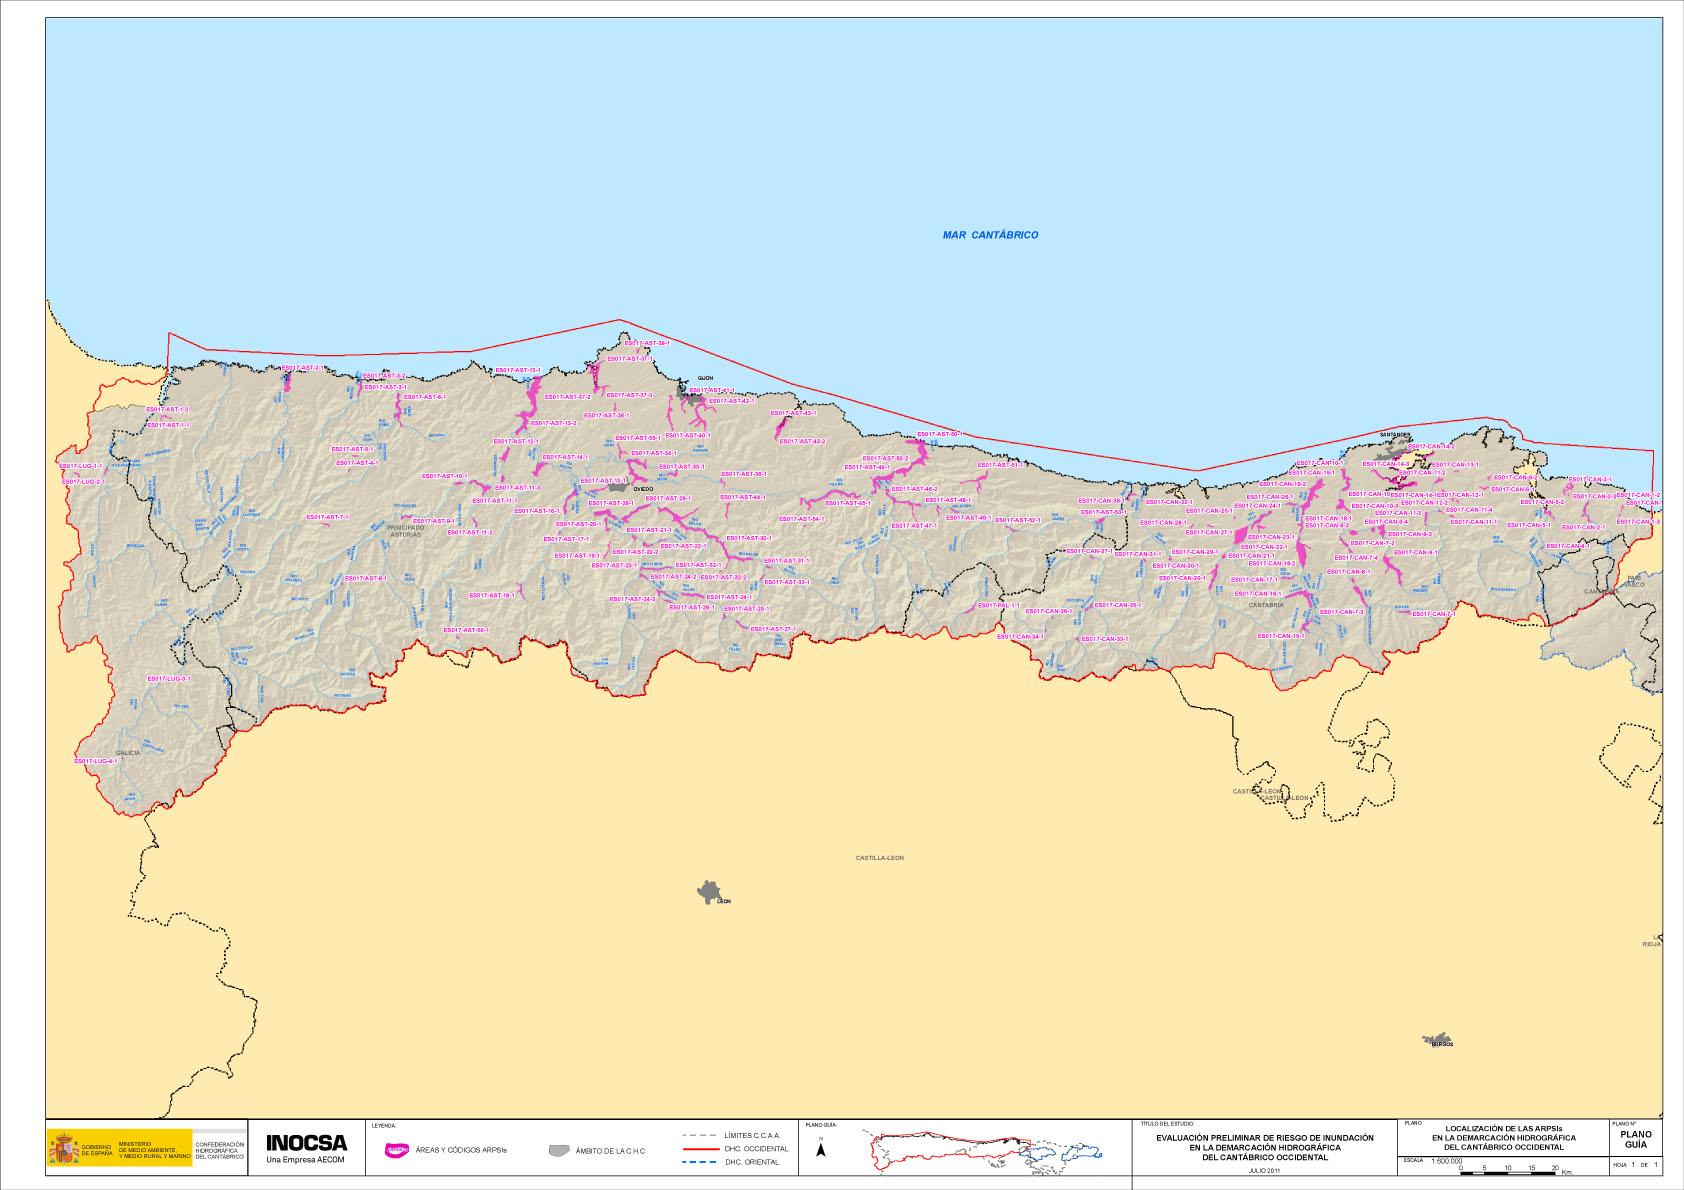 Mapa De Asturias Y Cantabria Juntos.La Confederacion Hidrografica Del Cantabrico Identifica 56